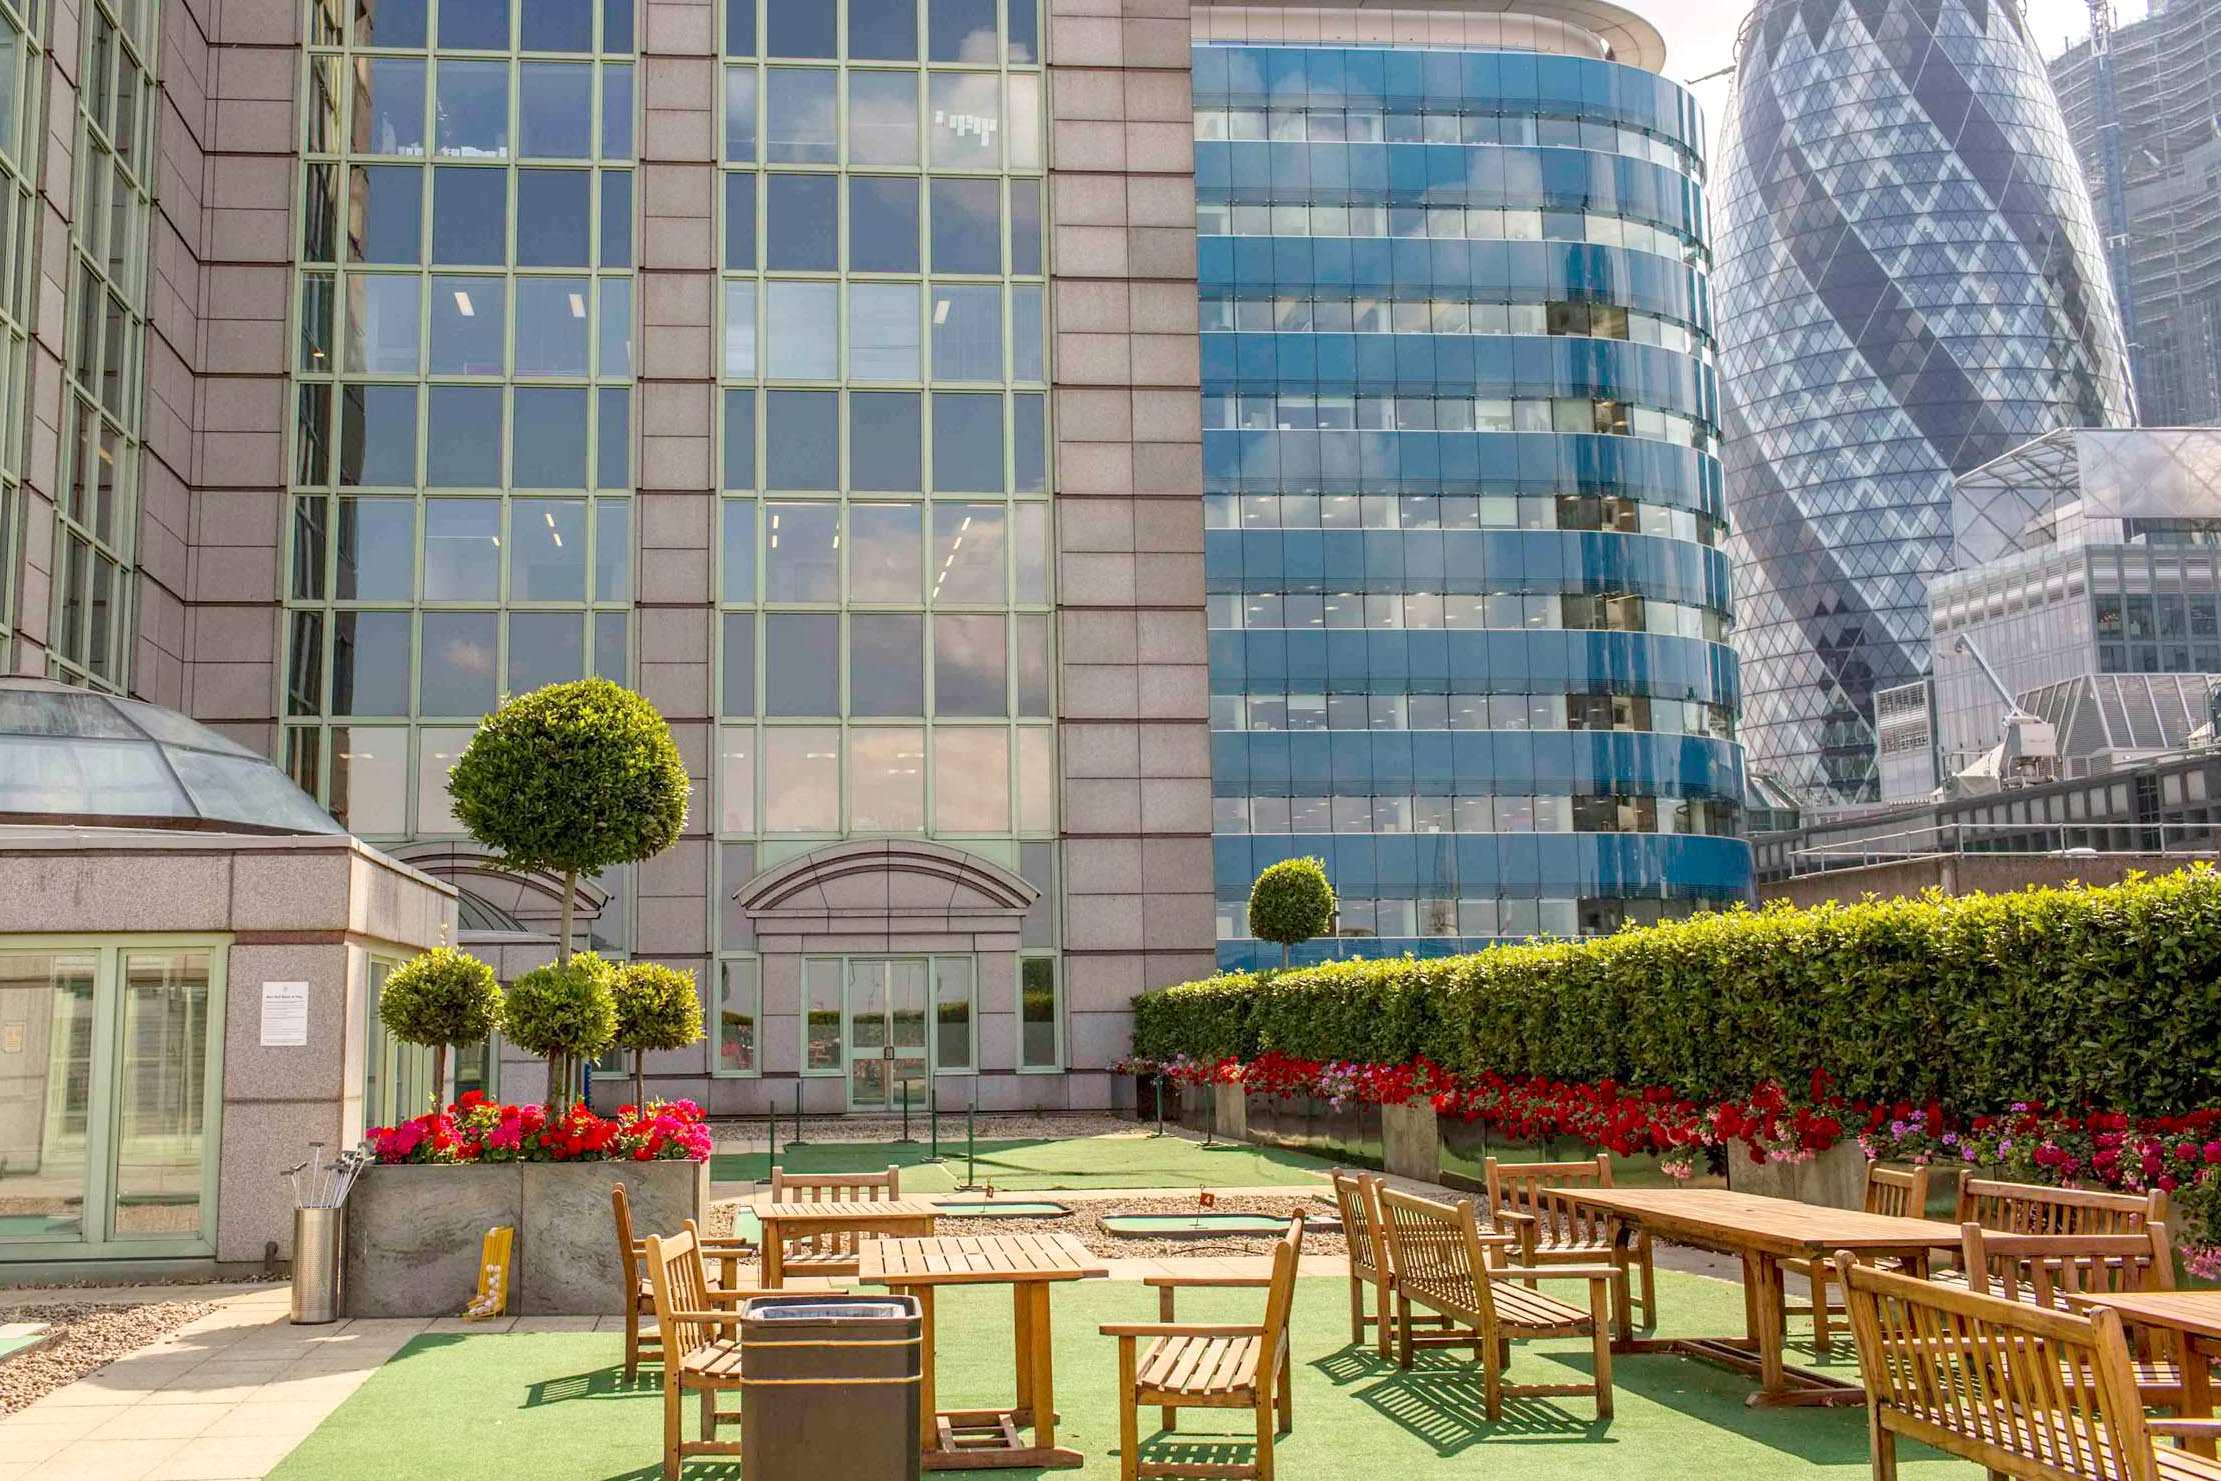 fscs-age-friendly-employer-renegade-generation-roof-terrace-3b.jpg